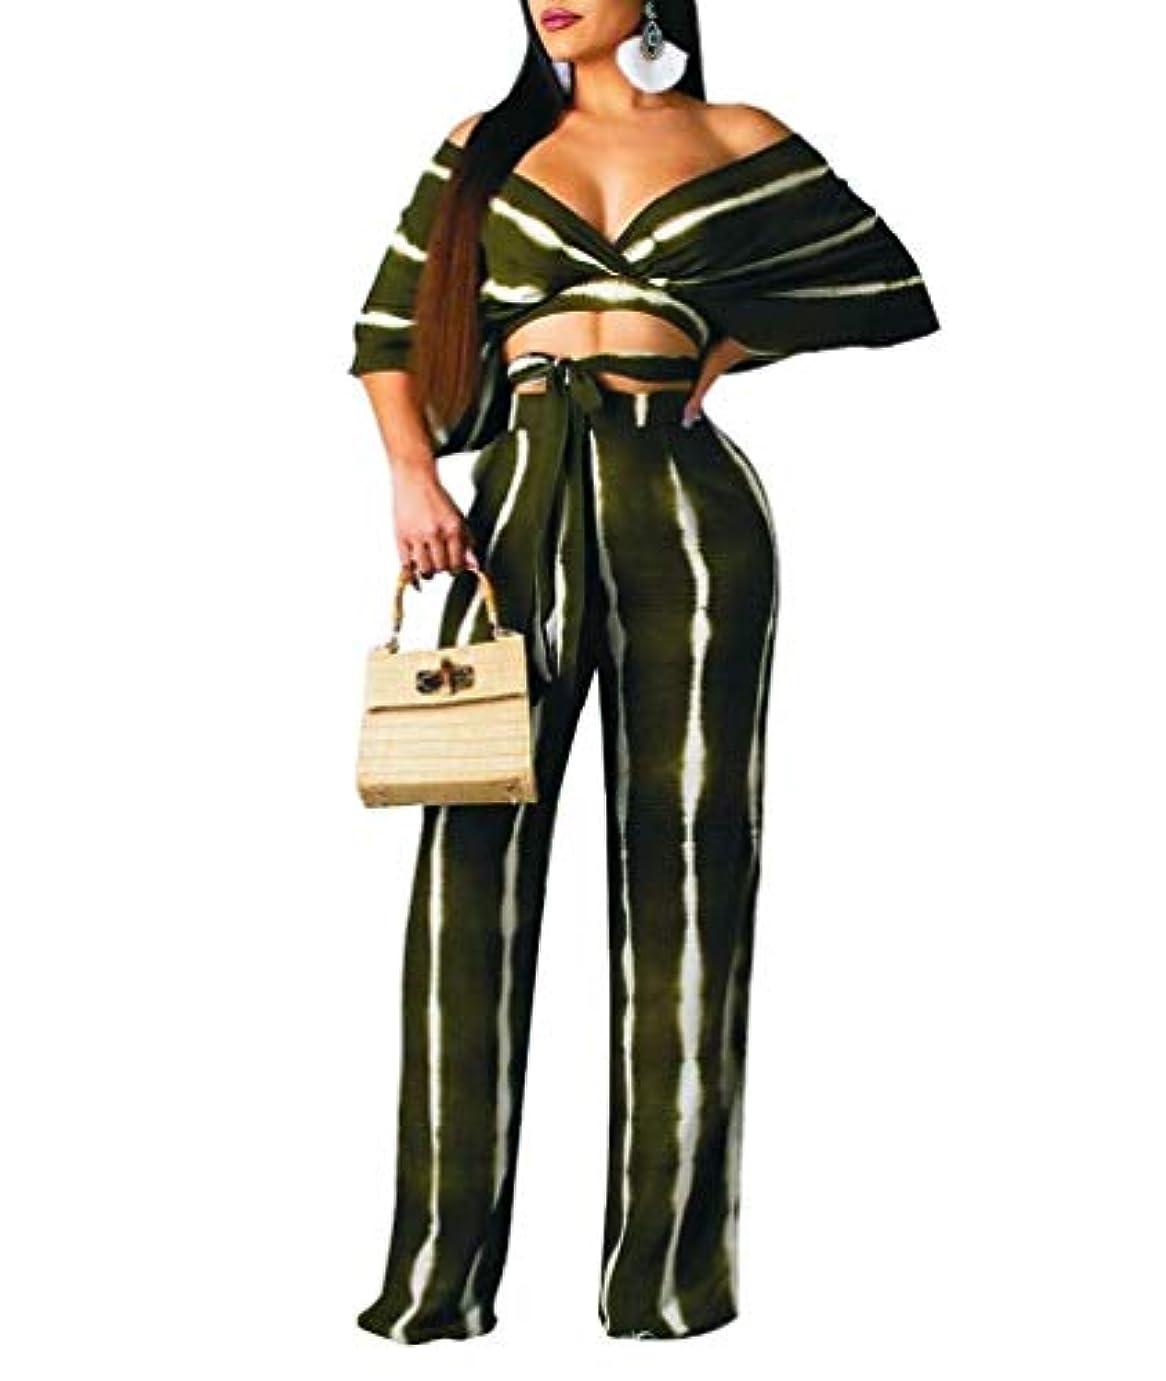 はぁ後退する変わるWE&energy 女性のジャンプスーツはクロップトップとワイドレッグロングパンツ